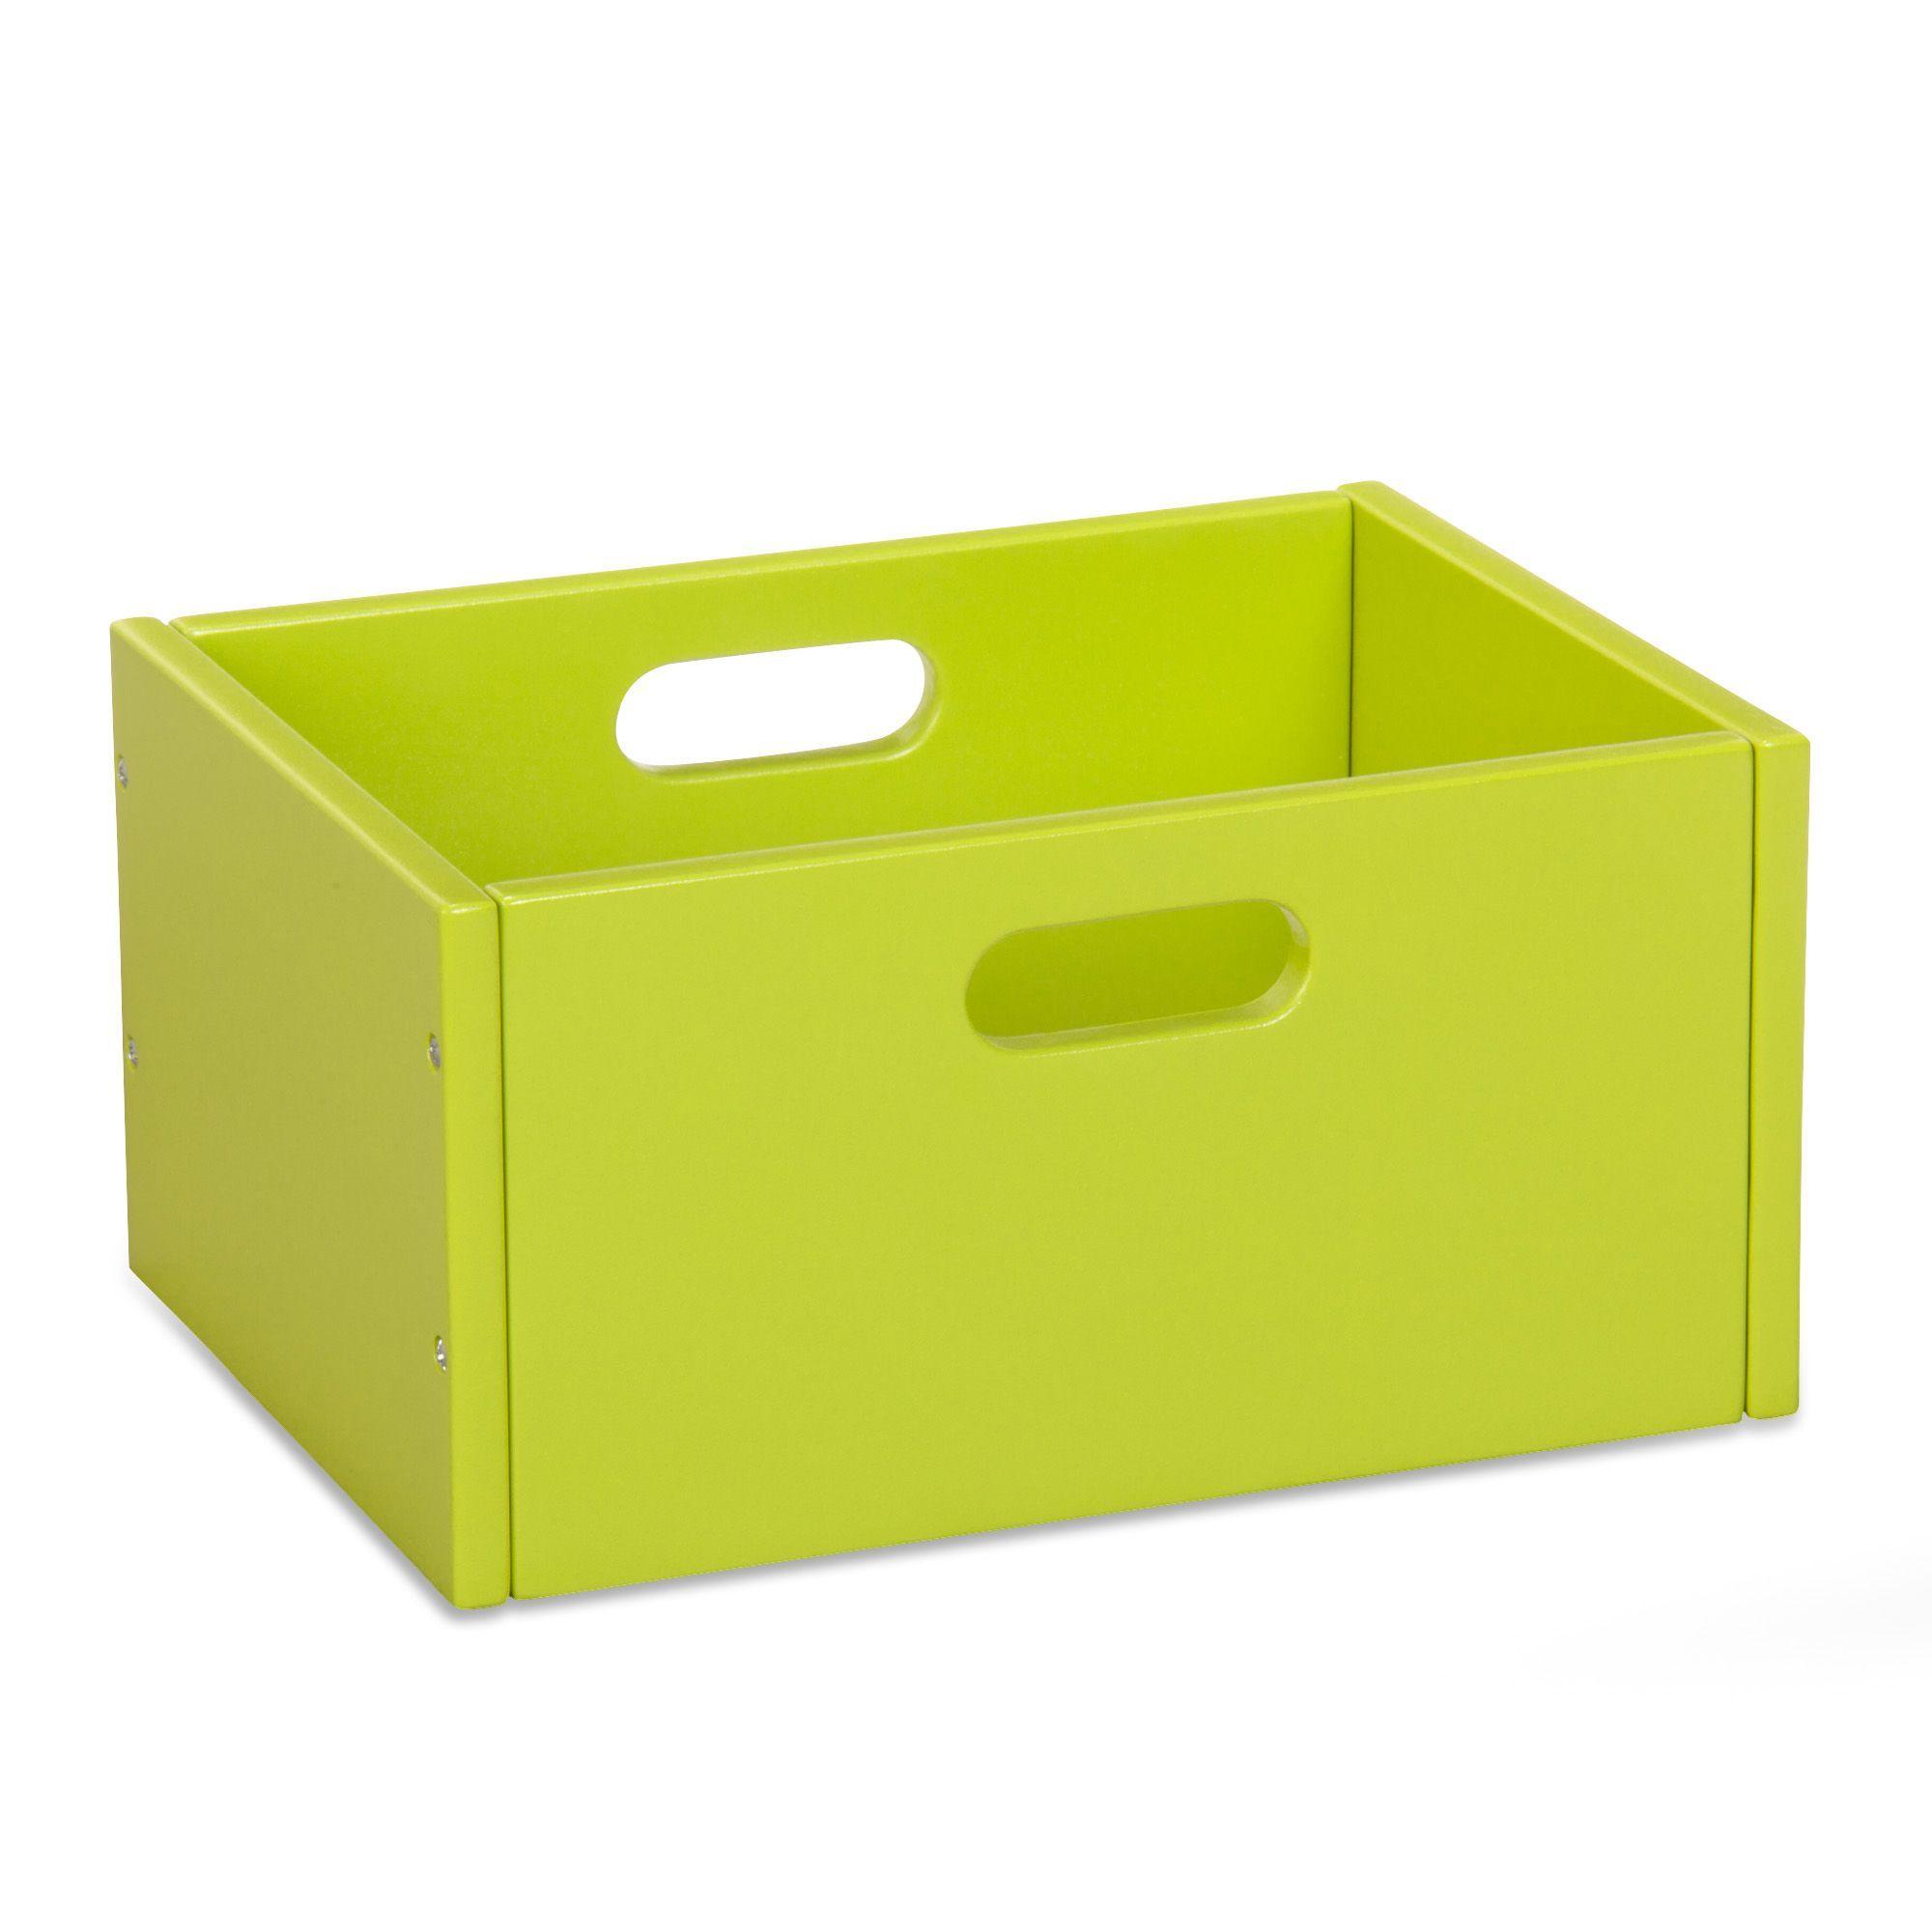 Cube De Rangement Vert Lol Les Bibliotheques Et Etageres Rangements Enfants Tout Pour Le Rangement Armoire A Pharmacie Mobilier De Salon Cube Rangement